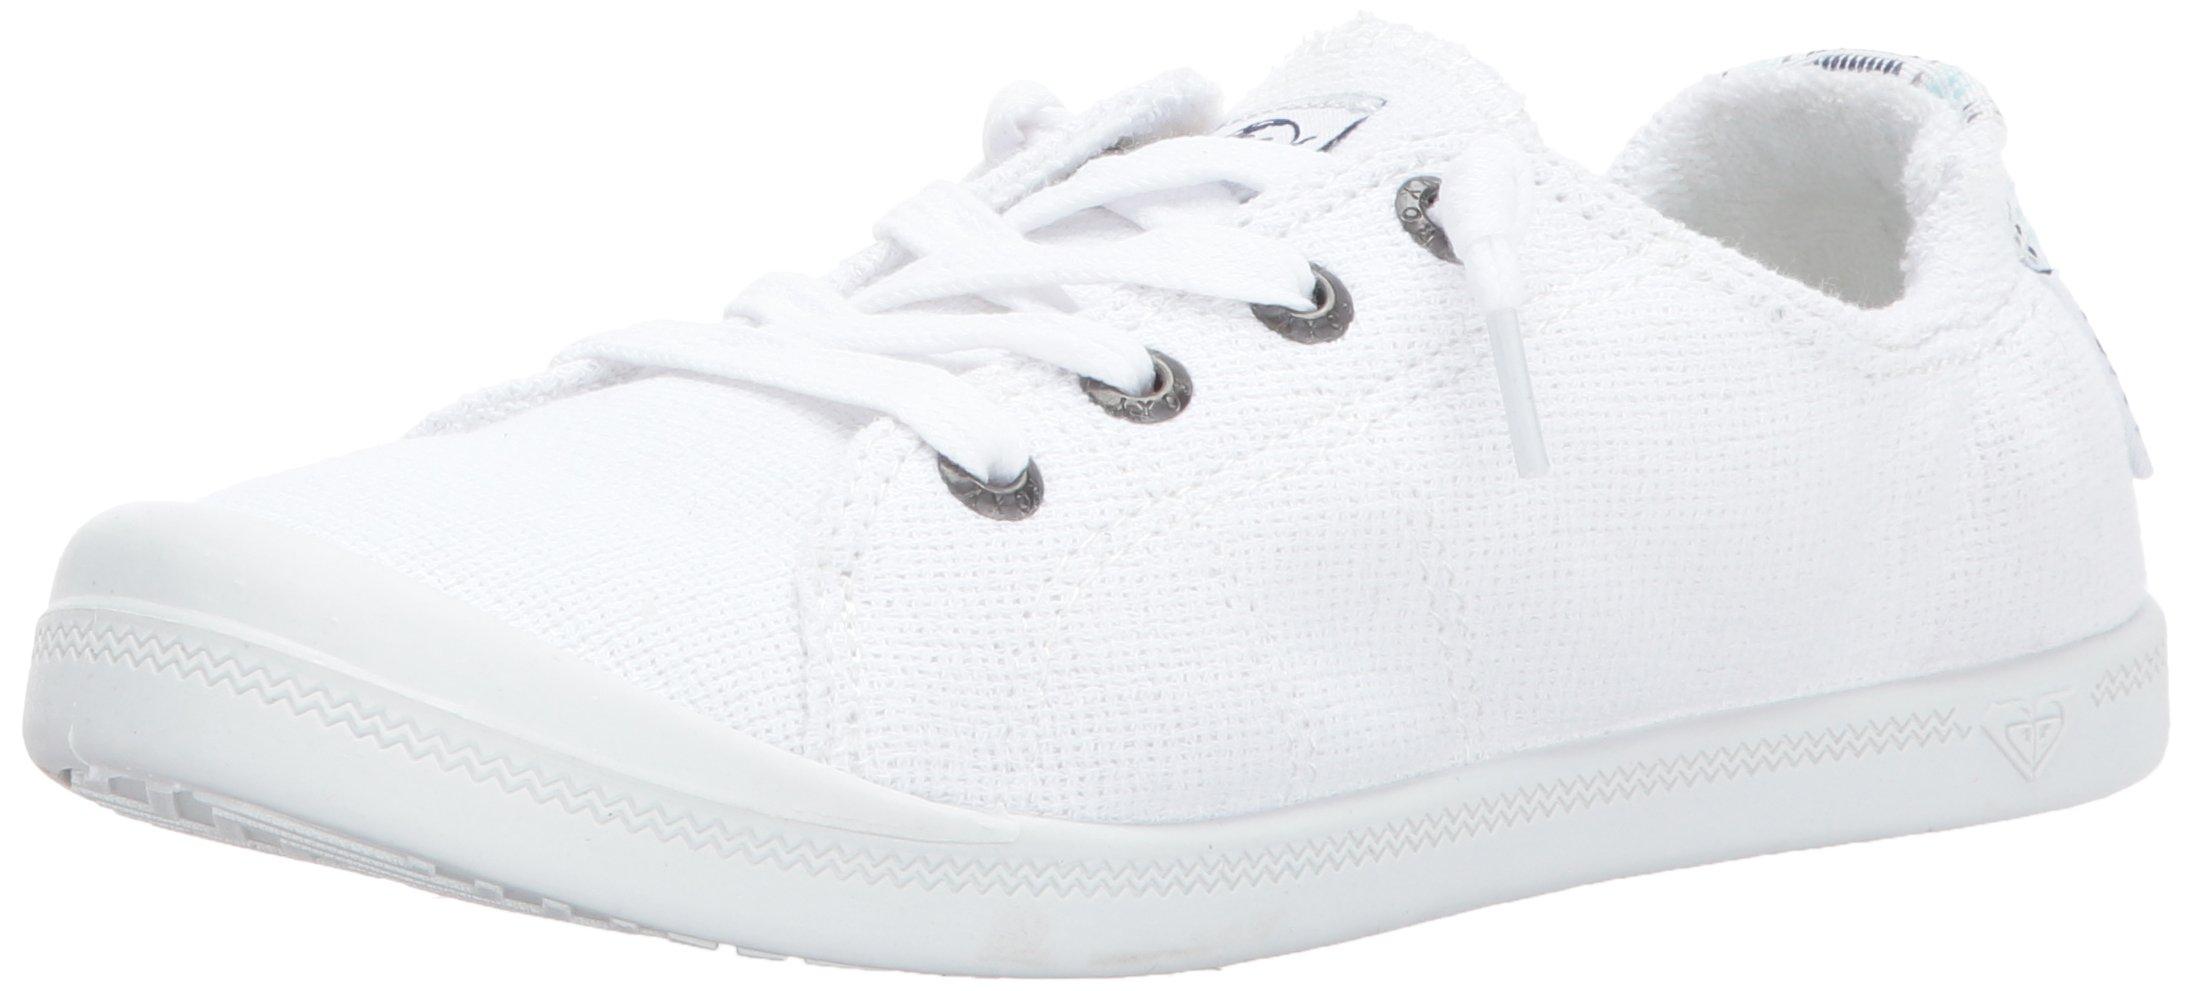 Roxy Women's Shoe Flat 9 M Sneaker, White, 9 M US